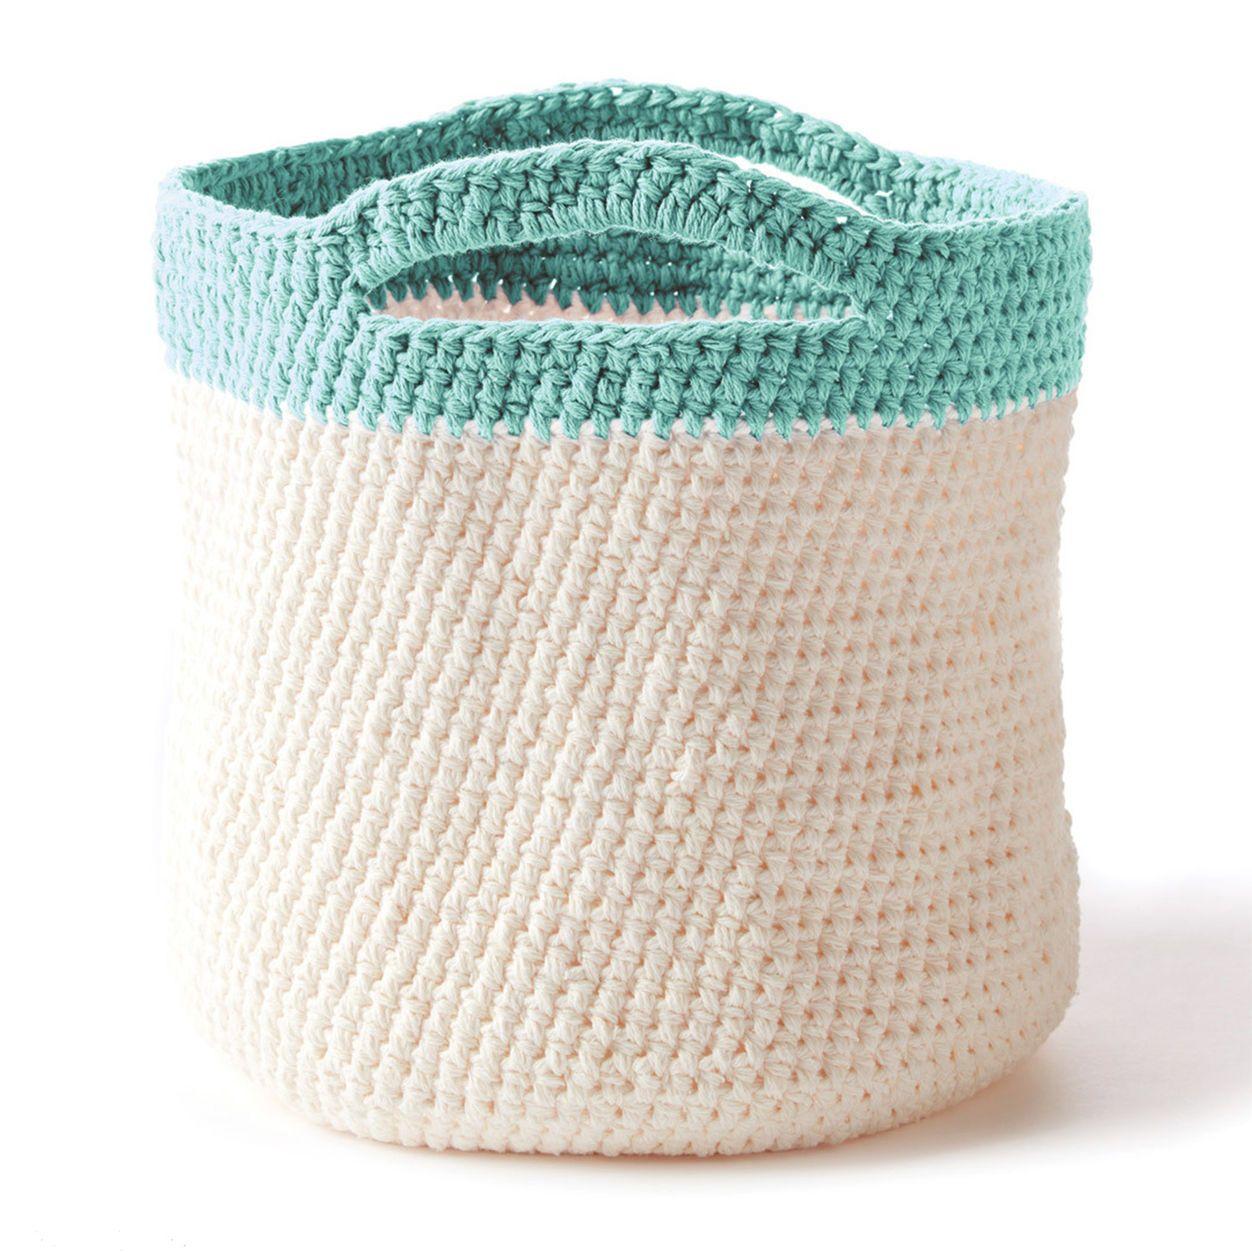 Bernat Crochet Handy Basket | Crochet for home | Pinterest